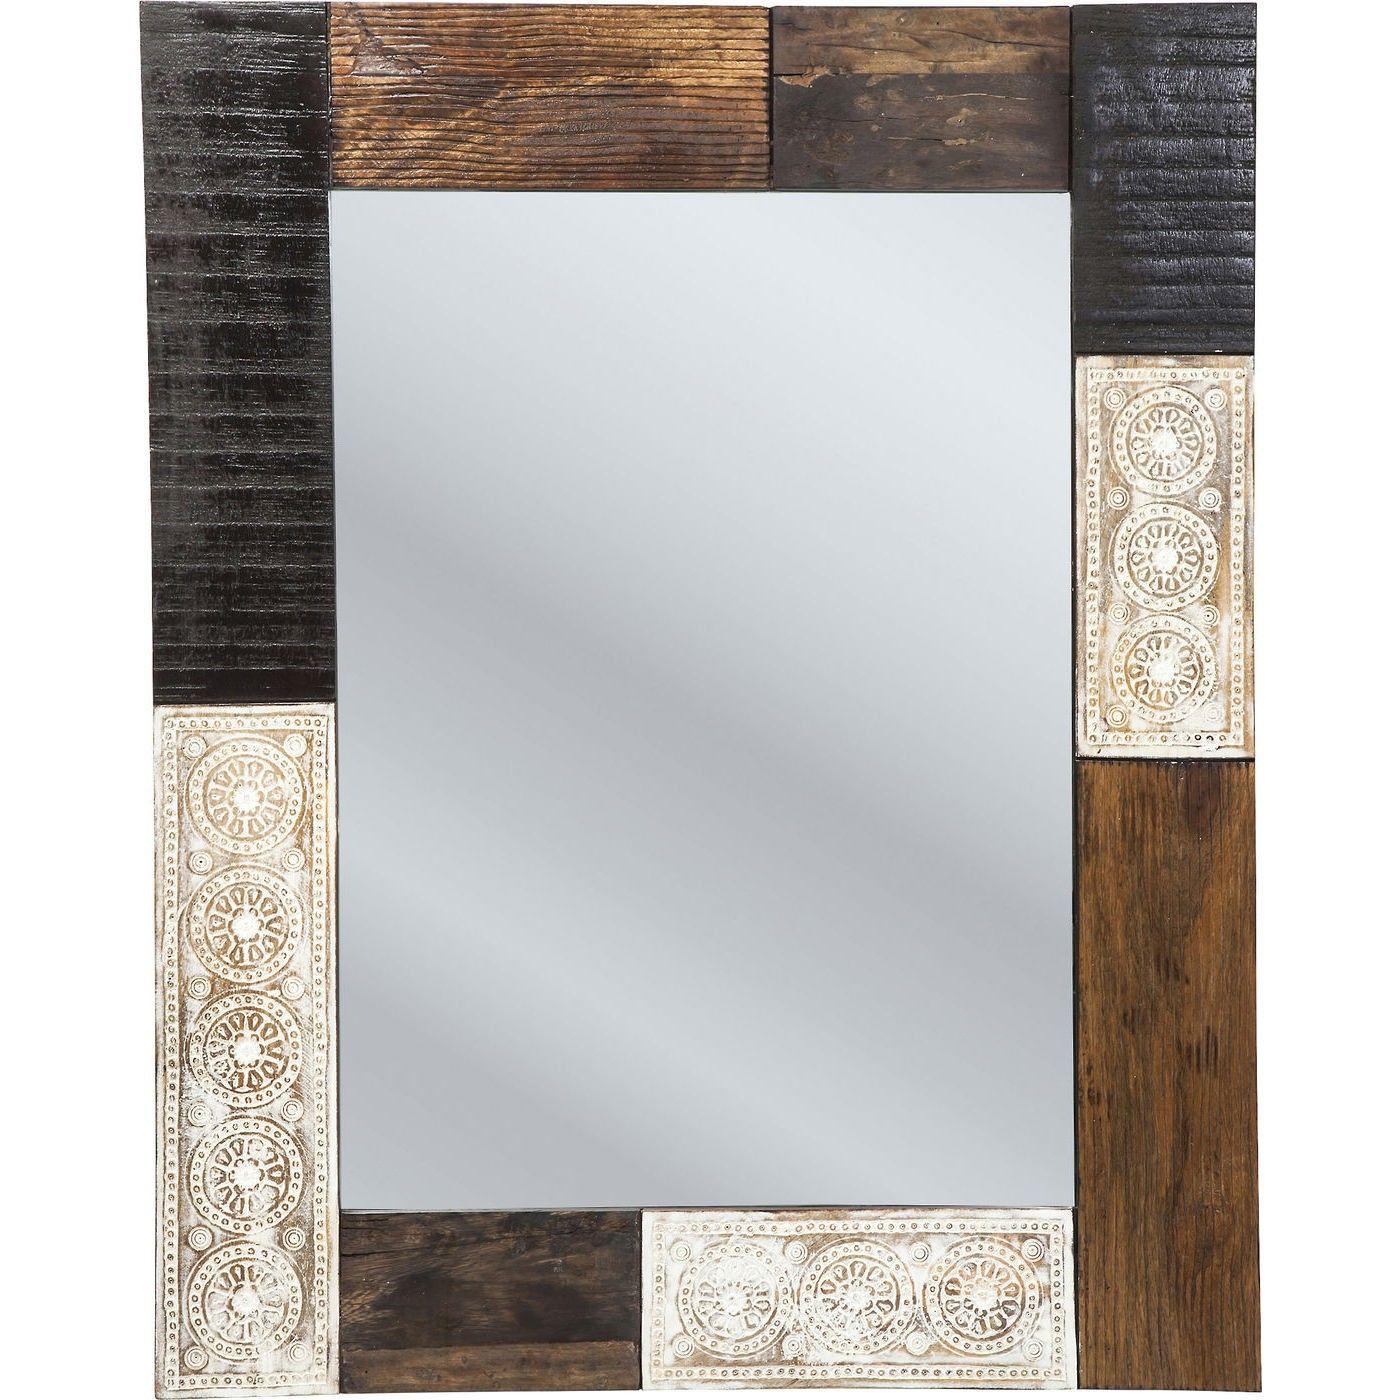 KARE Design Spiegel Finca 100x80cm Charmanter Wandspiegel mit handgeschnitzten Ornamenten #finca #kare #karedesign #wood #holz #ethno #oriental #schnitzerei #spiegel #natur #style #design #ornamente